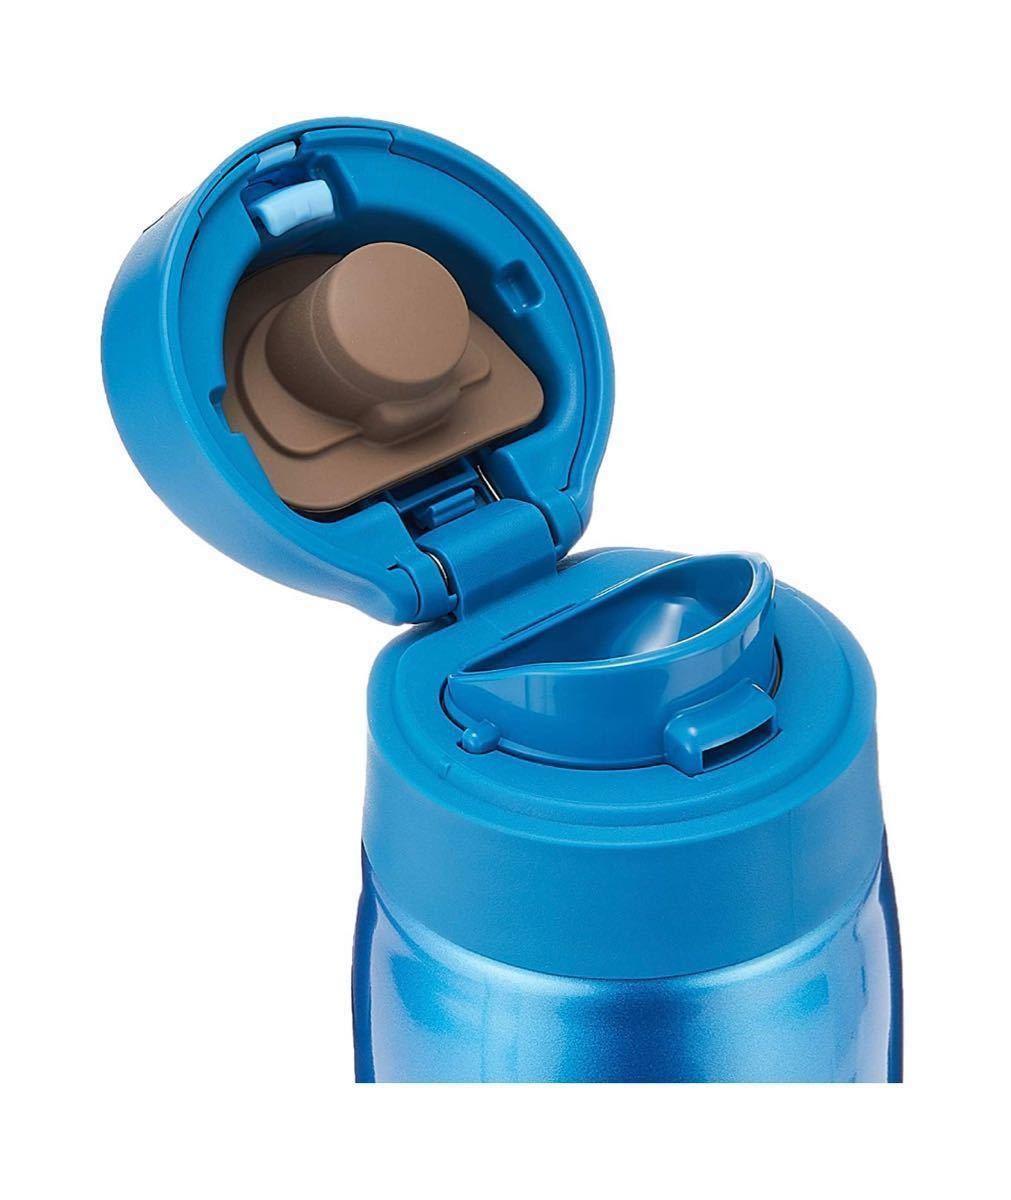 タイガー 水筒 350ml サハラ マグ ステンレスボトル ワンタッチ 軽量 ピンク ブルー TIGER ミニボトル  携帯用